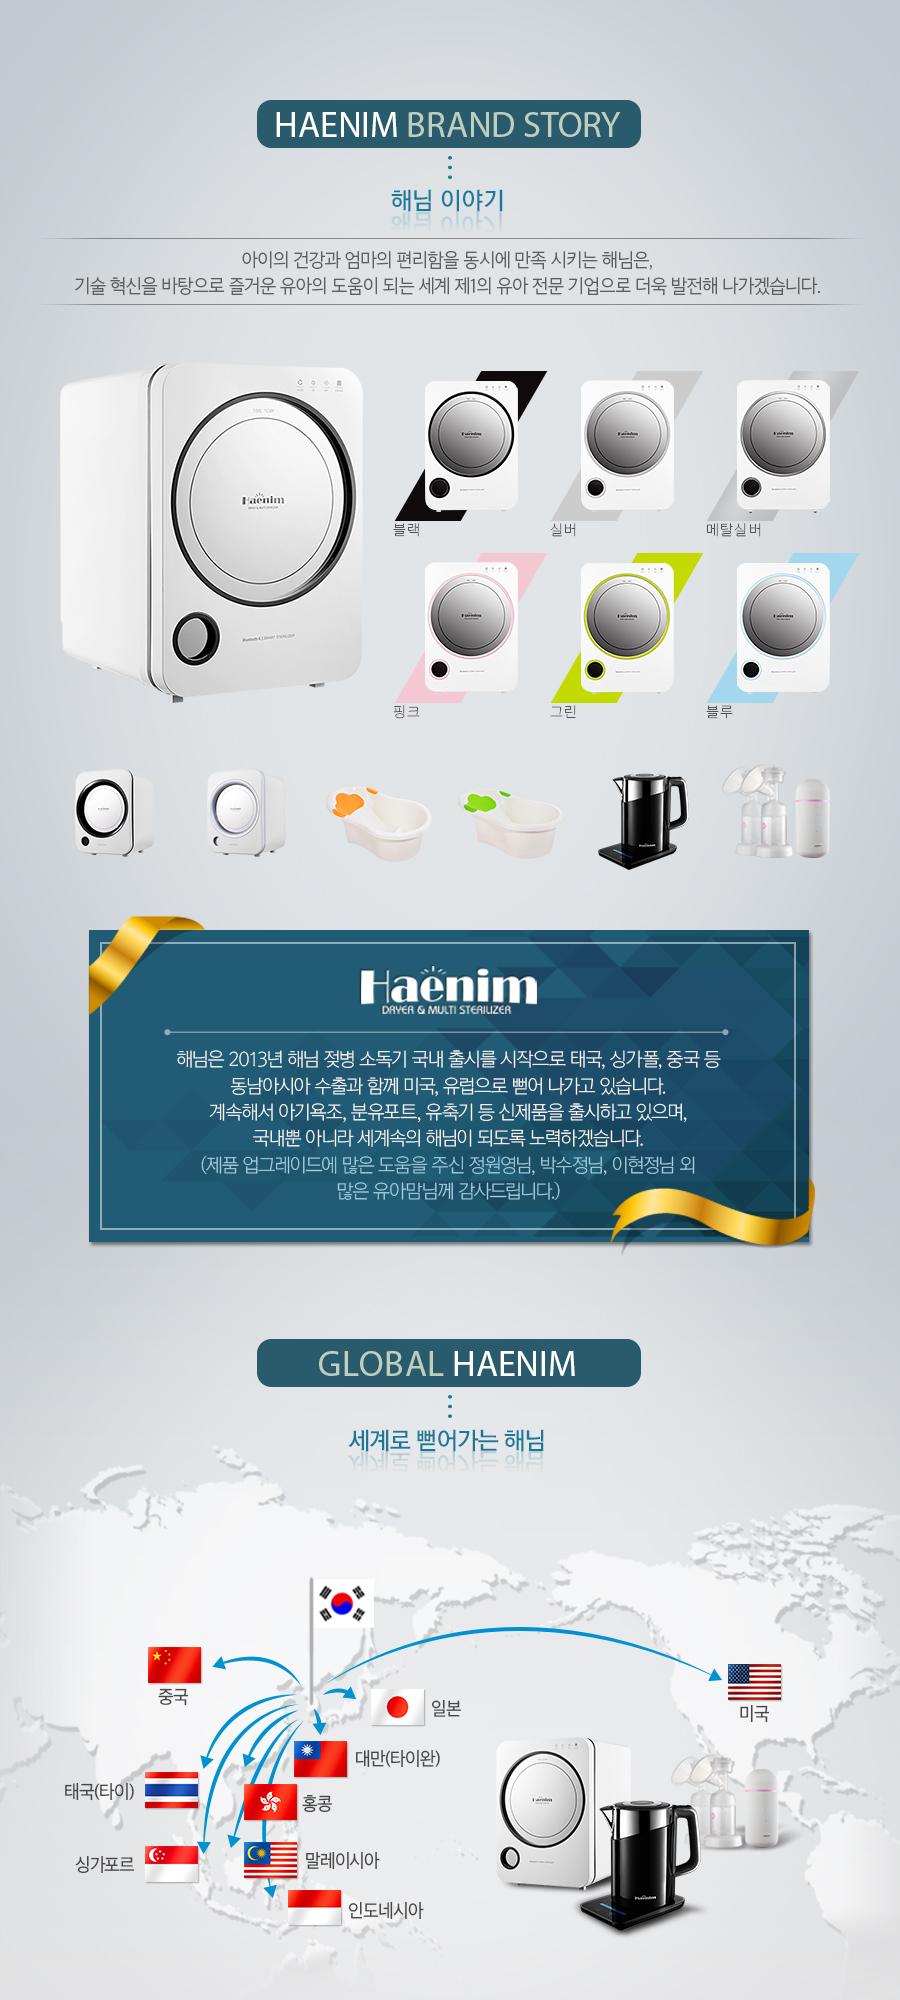 haenim_brand.jpg